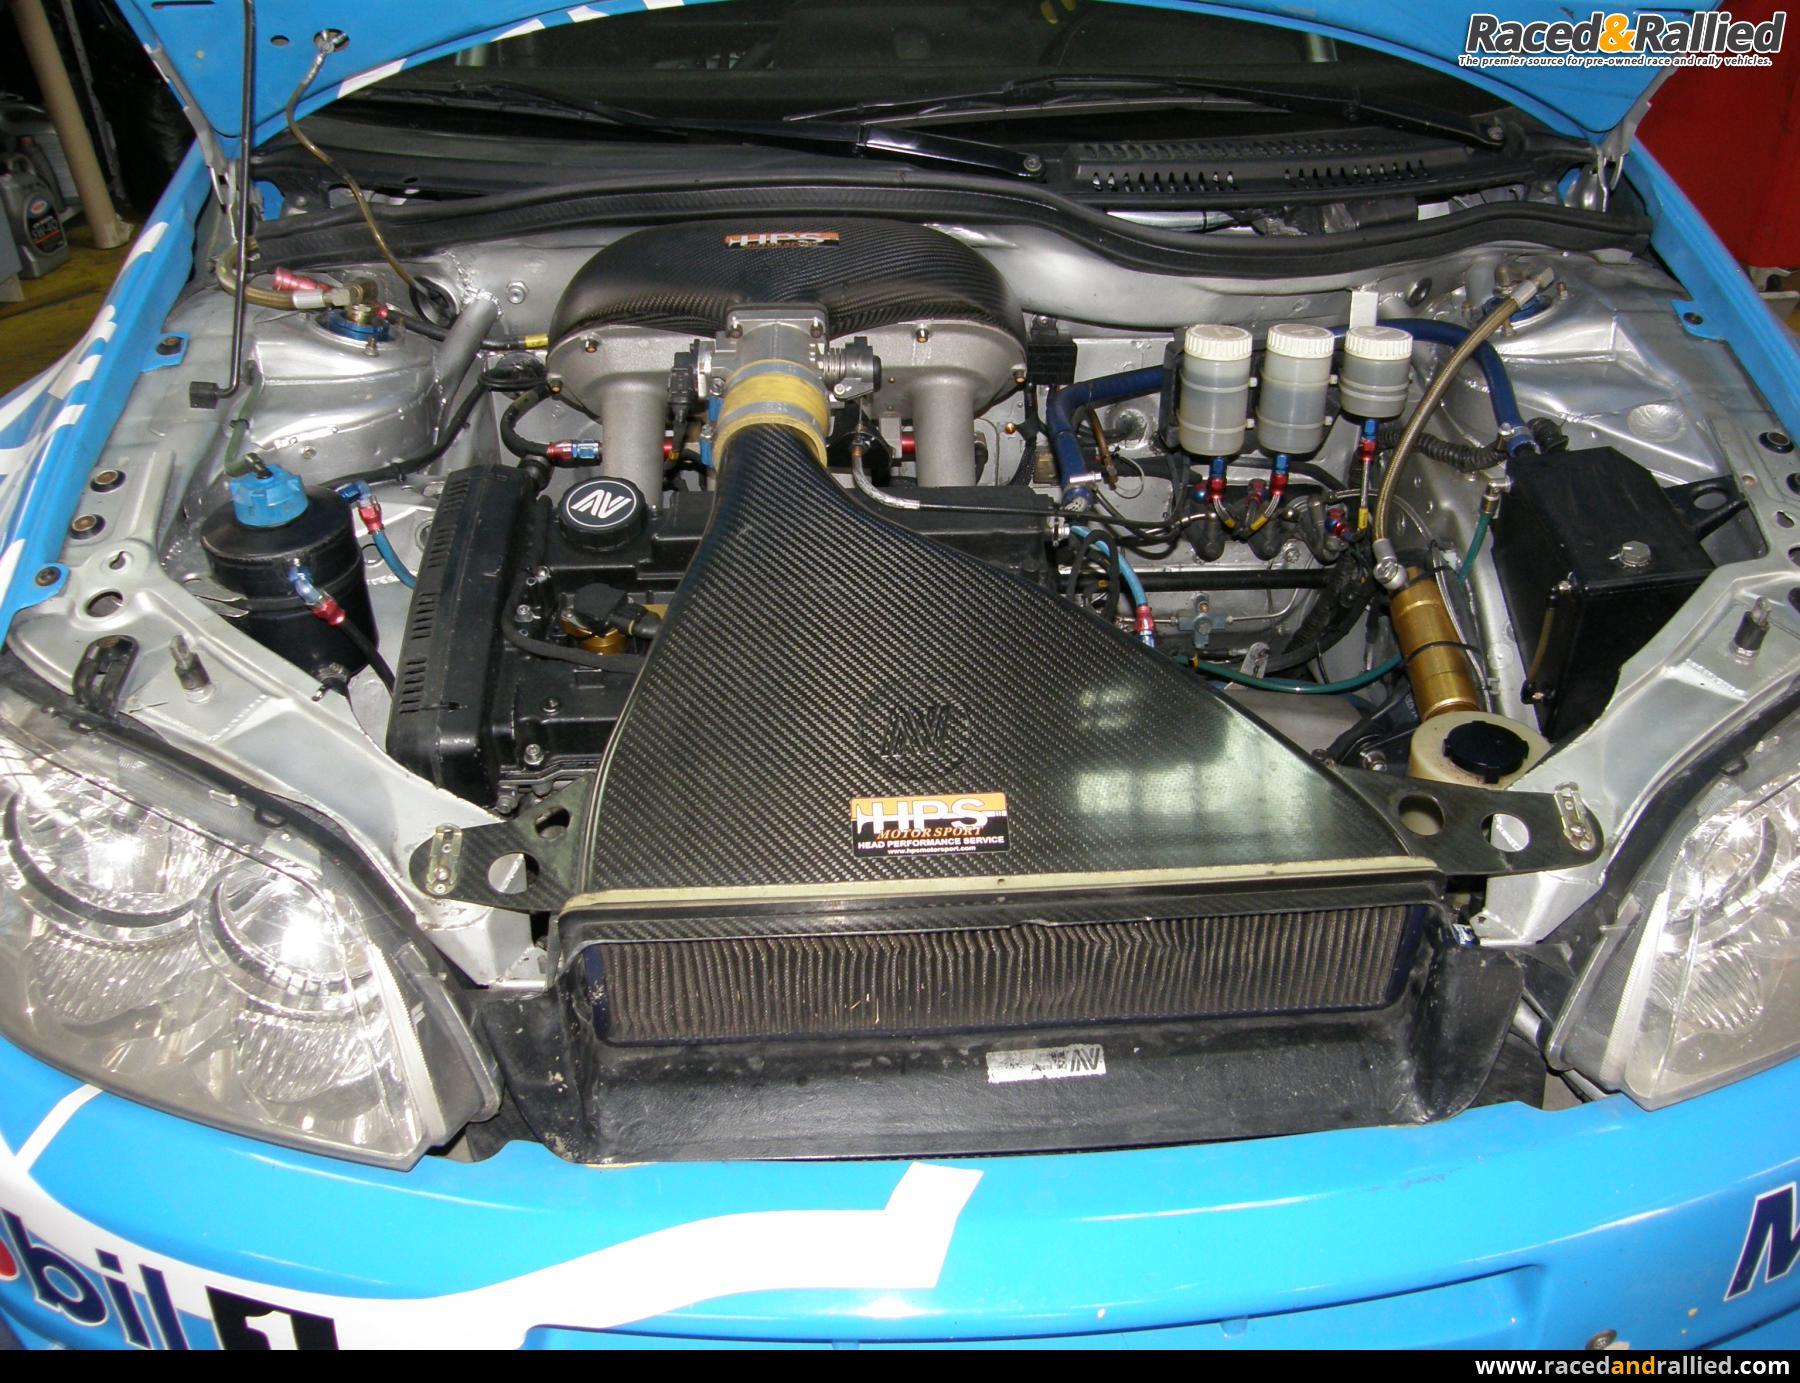 Polo Car Parts